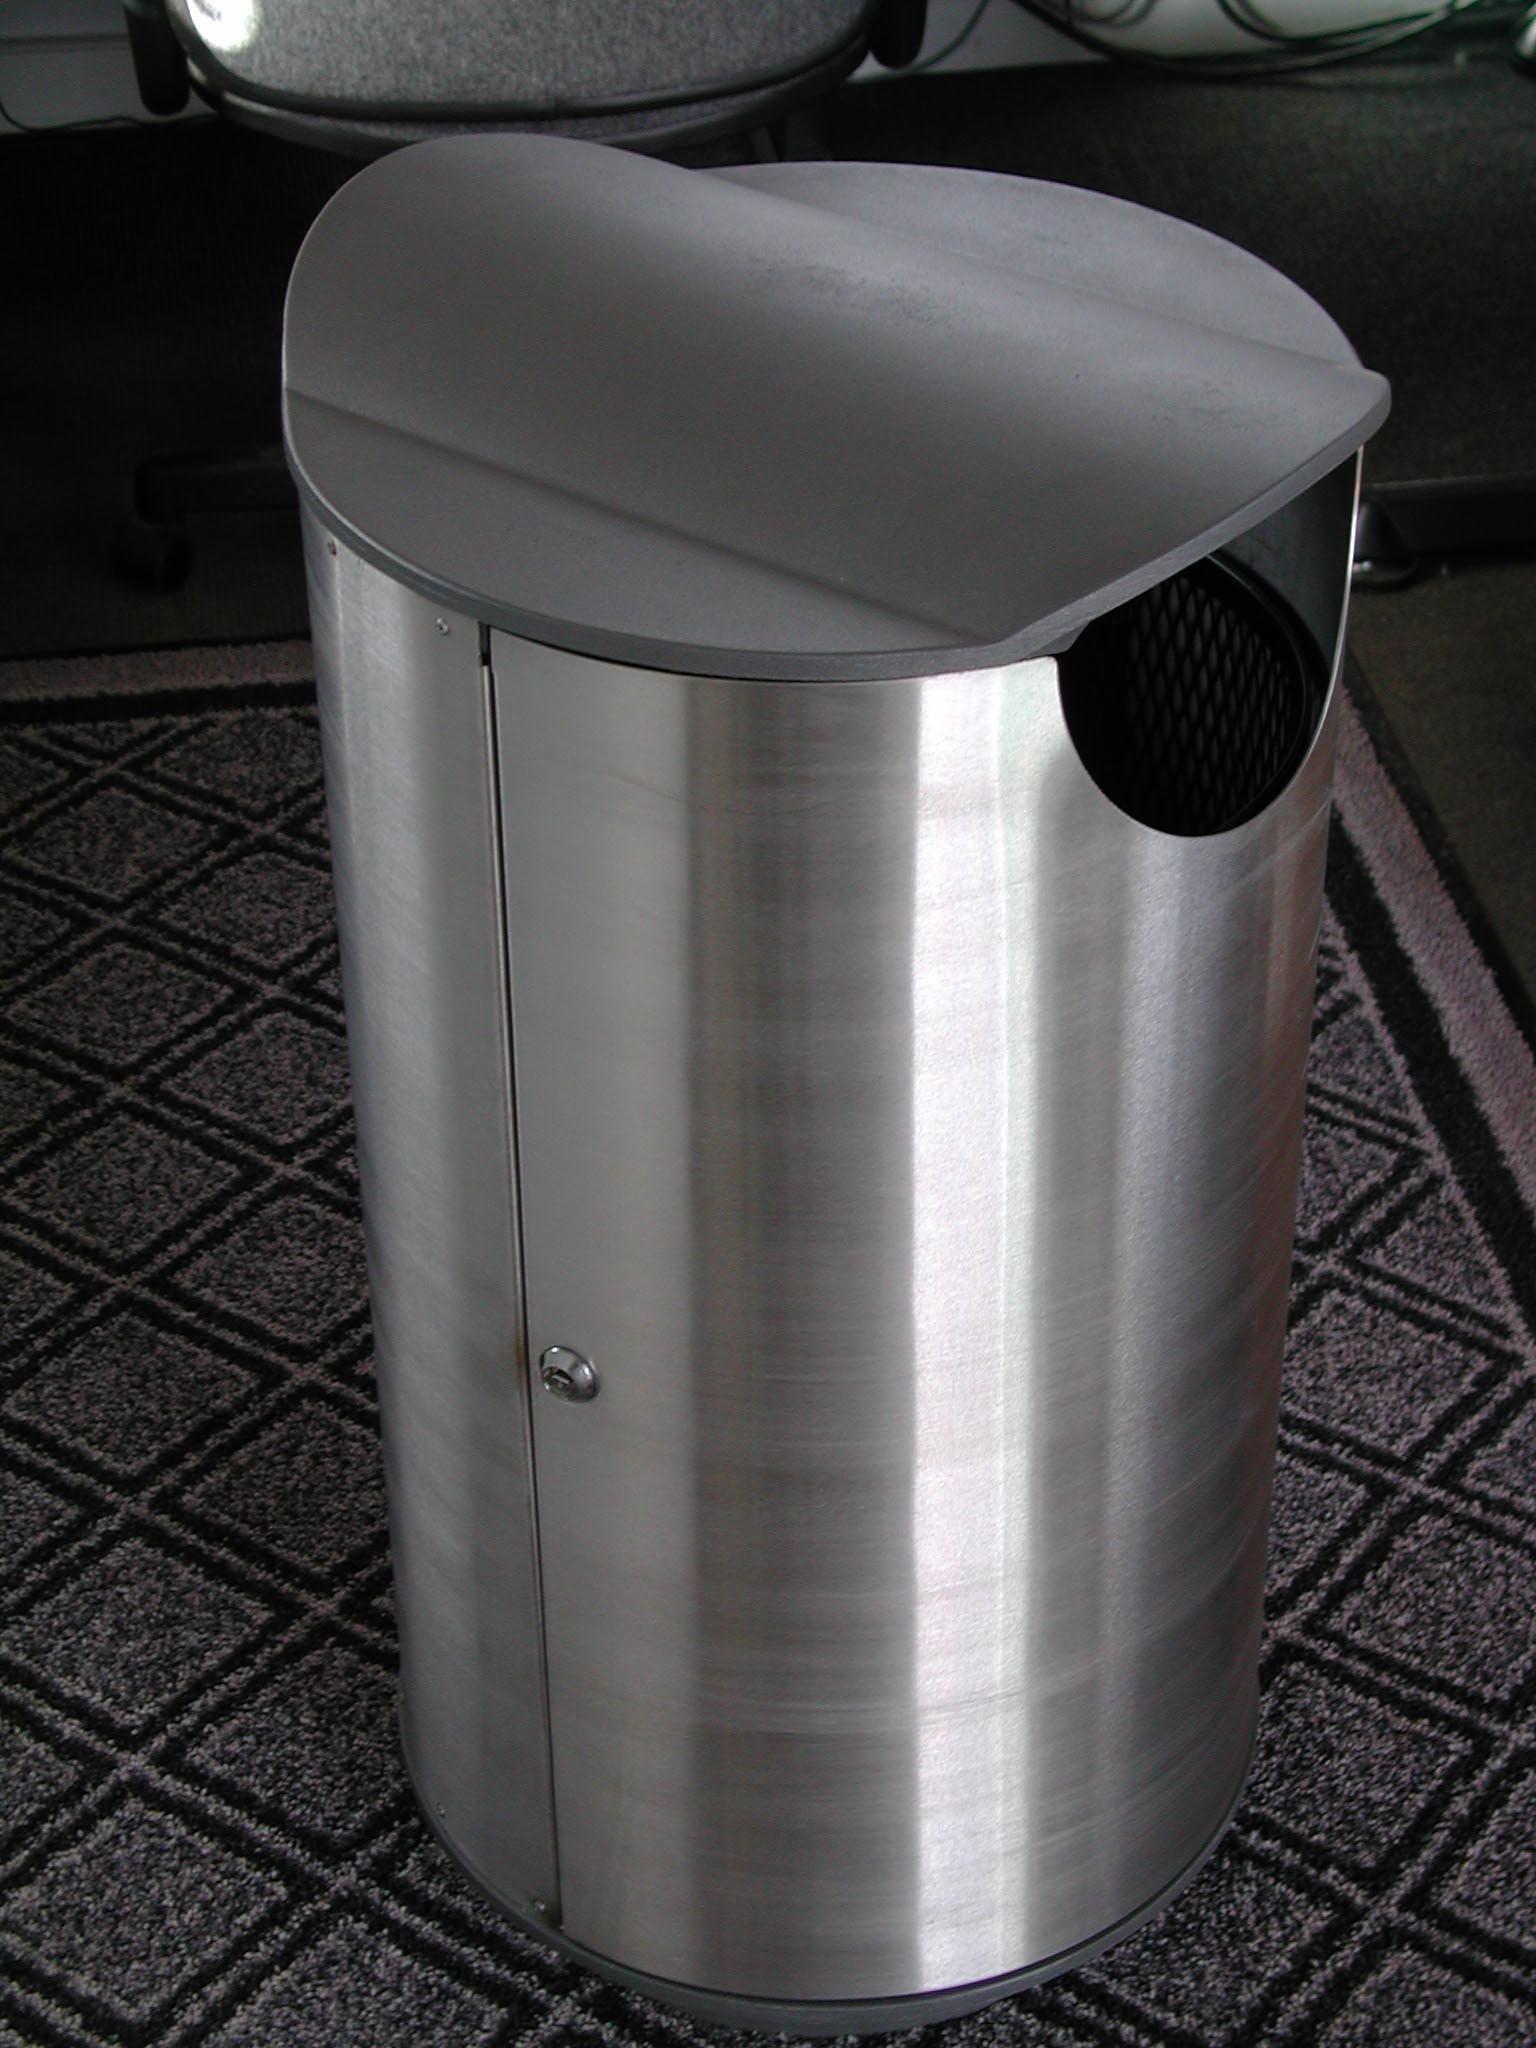 Bespoke stainless steel bin